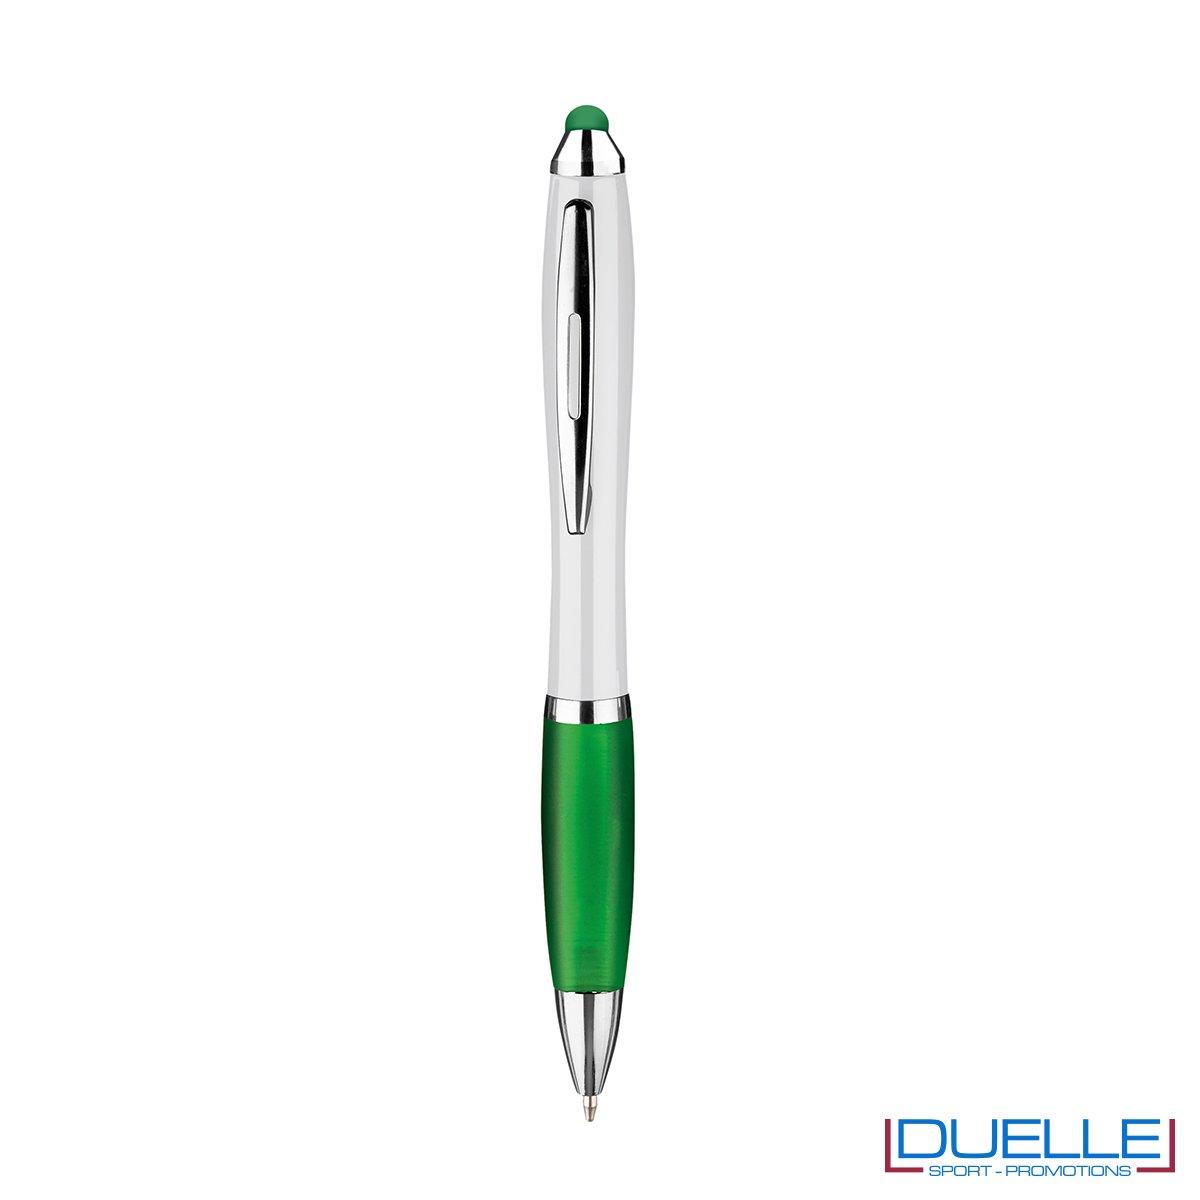 penna touch screen personalizzata in plastica verde, gadget aziendali personalizzati